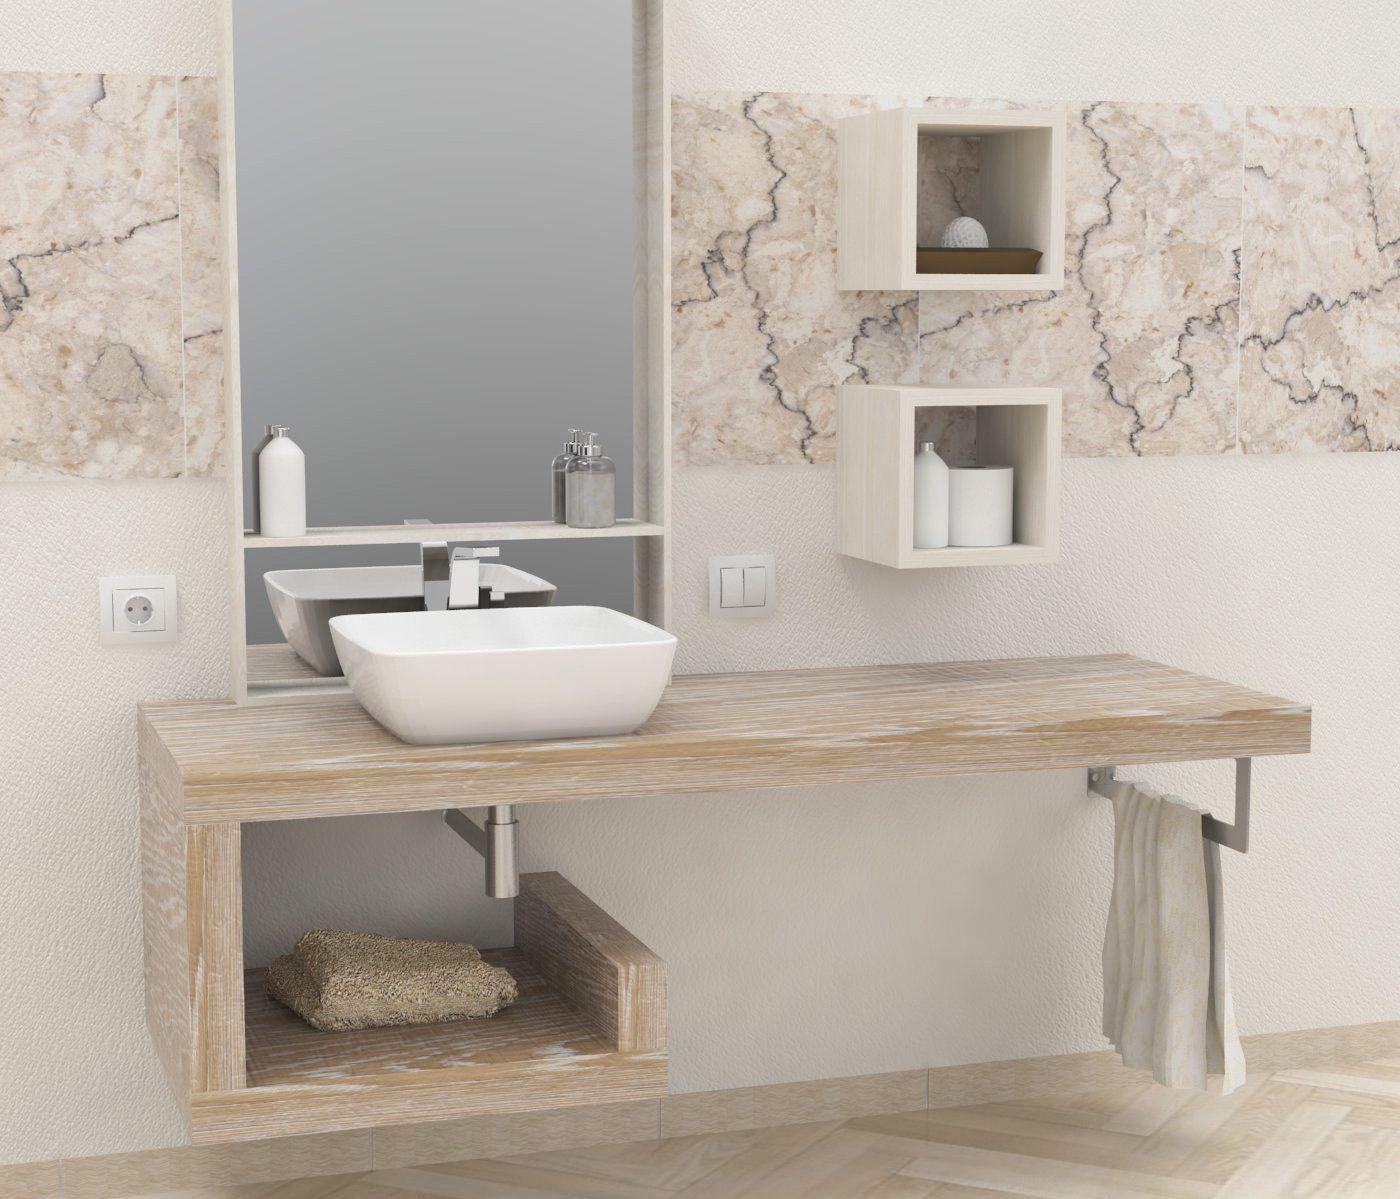 Mensole per bagno mensole lavabo in legno massello su - Lavabo 40 cm profondita ...